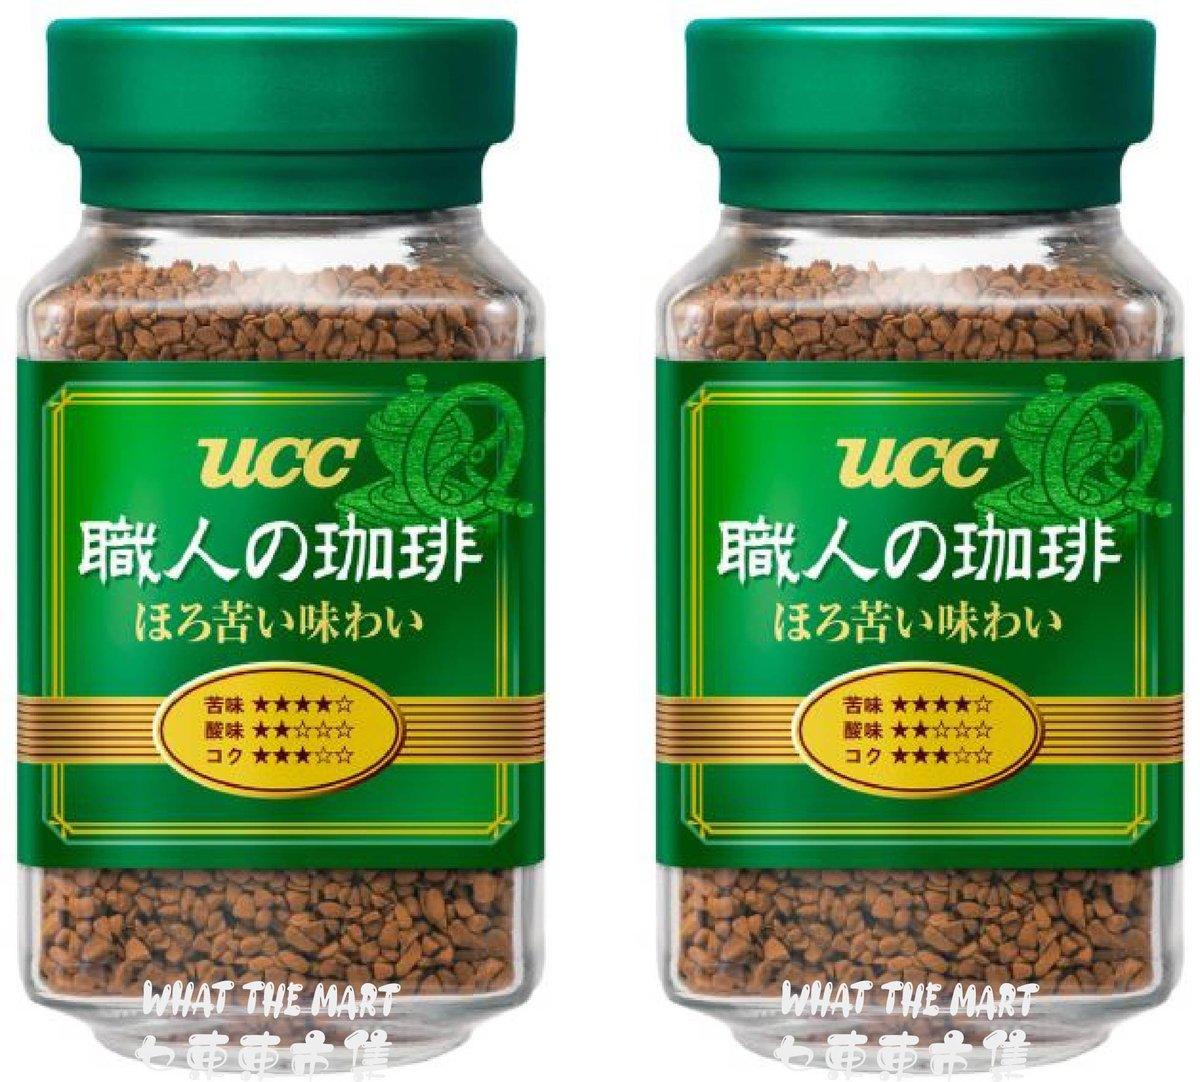 【2 件】UCC上島 職人即溶咖啡(濃香味) 90g (4901201103988_2)